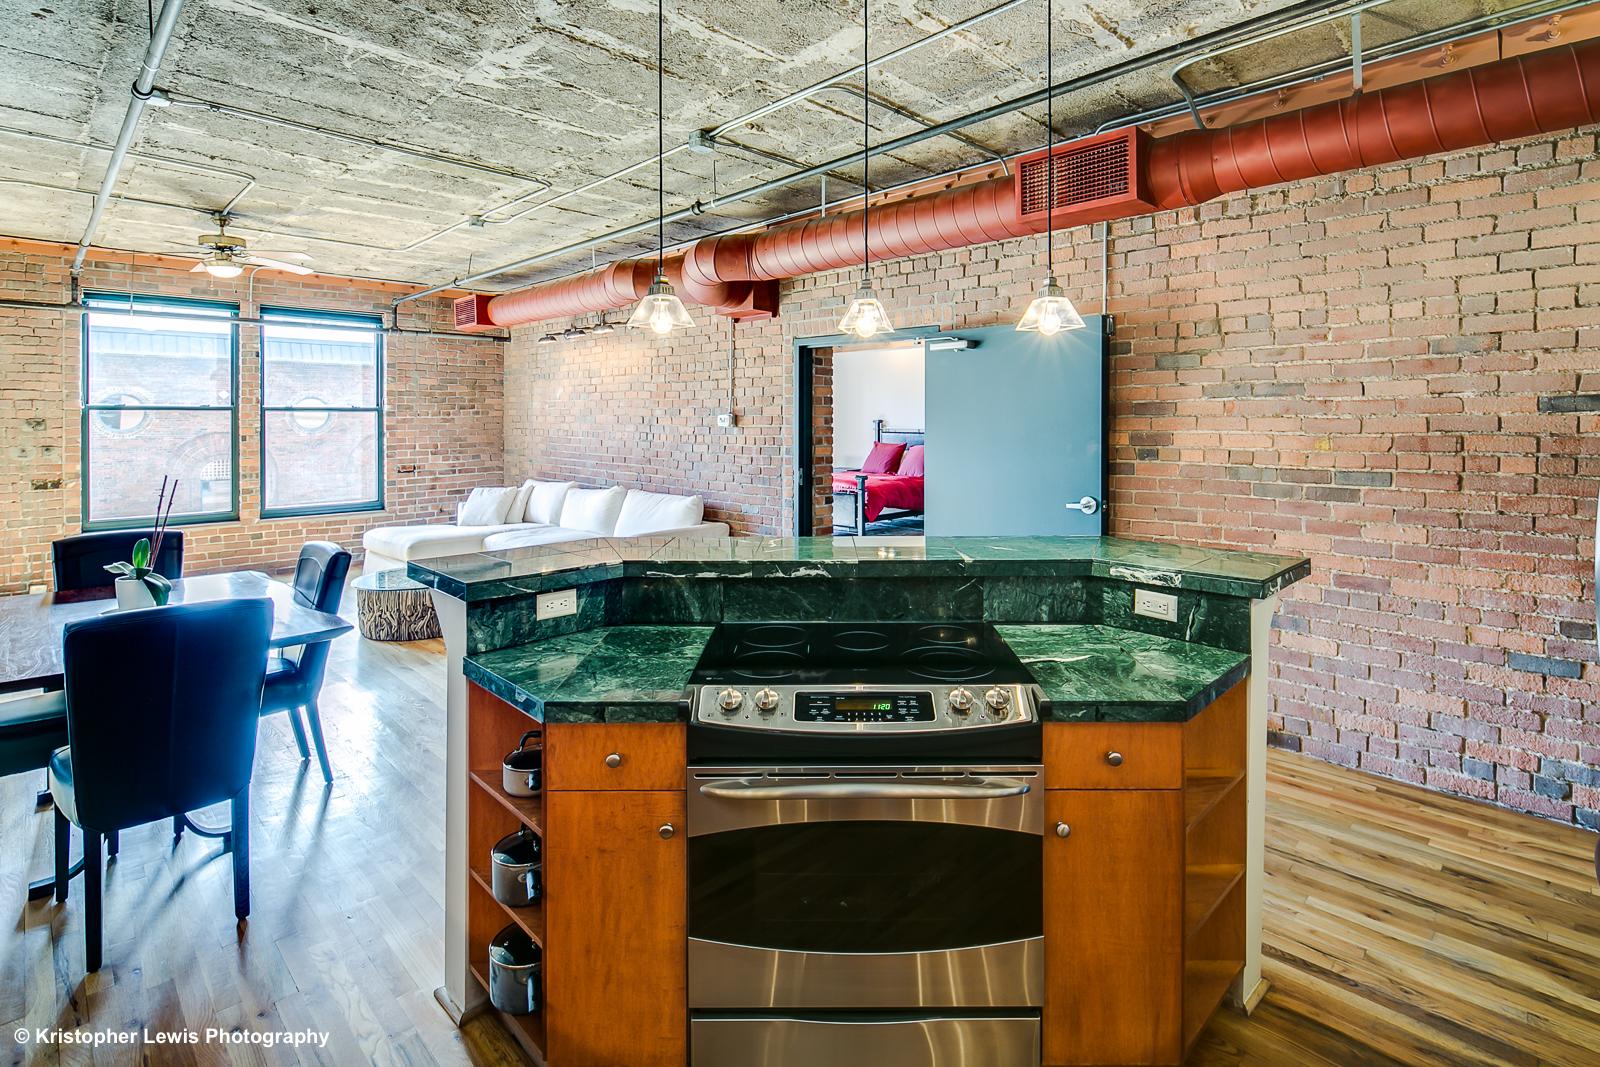 Ice House Lofts Lodo Denver Apartments Boutique